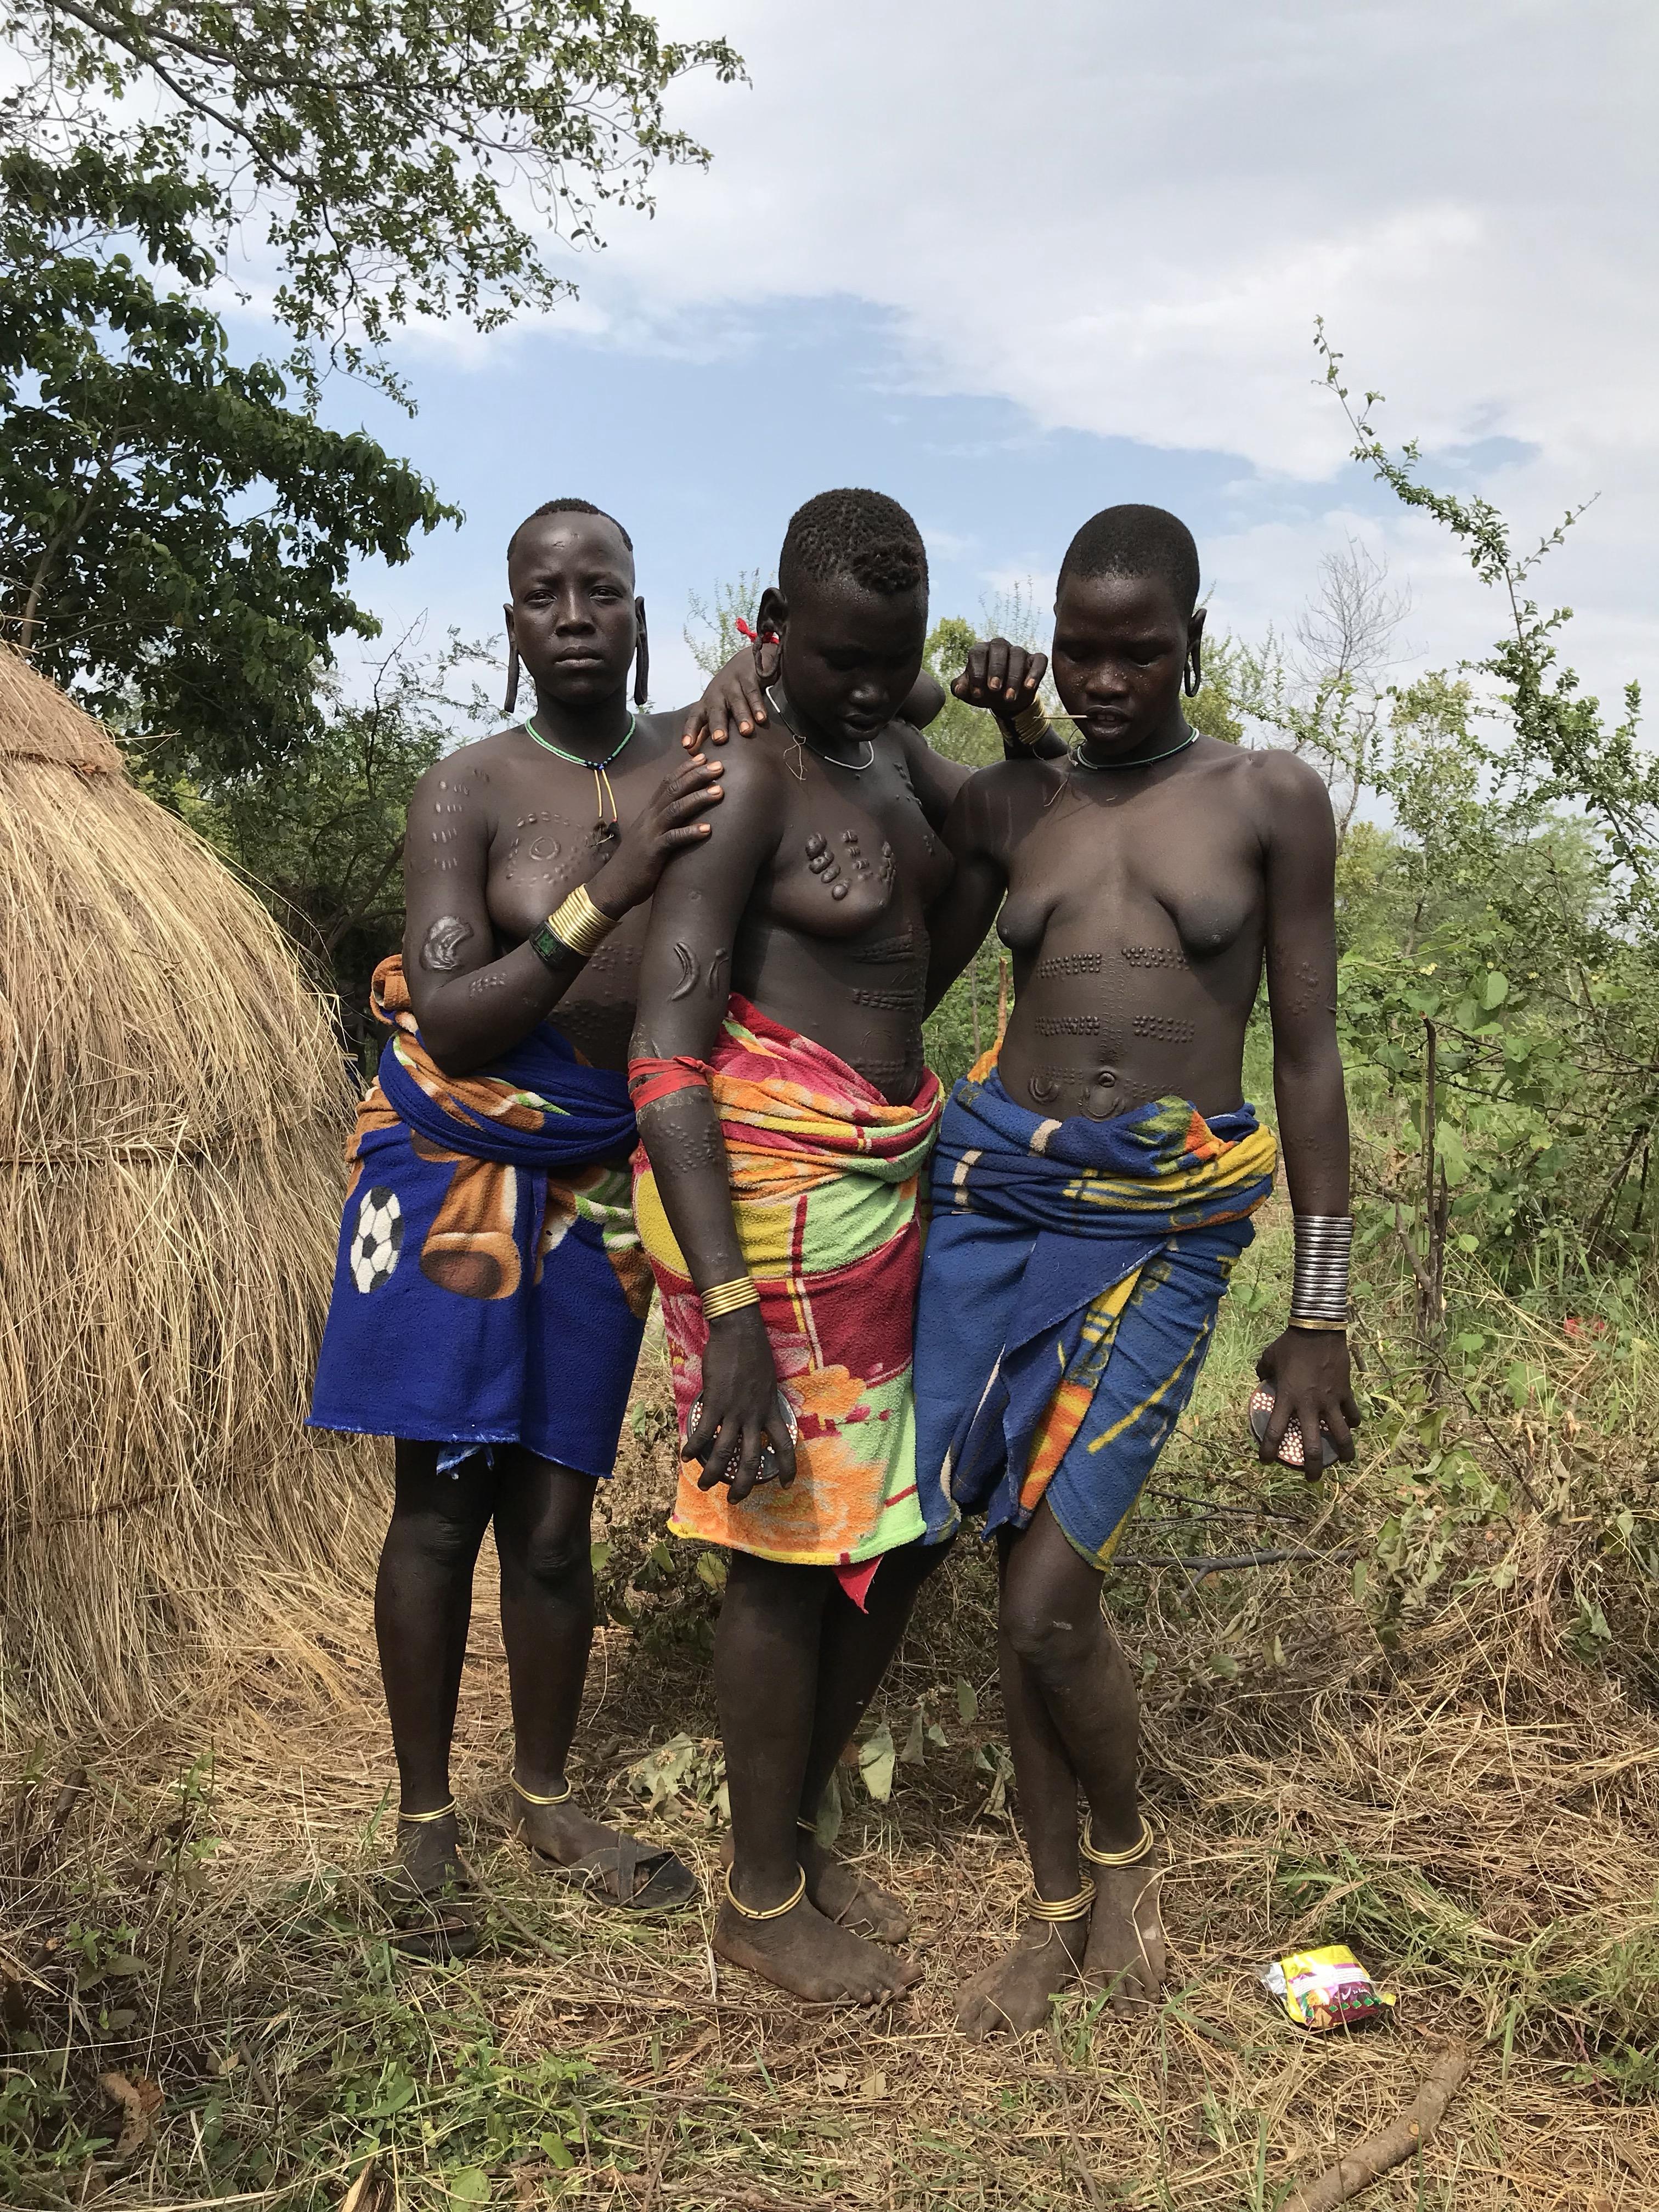 Djevojke sa oziljcima po tijelu Mursi pleme